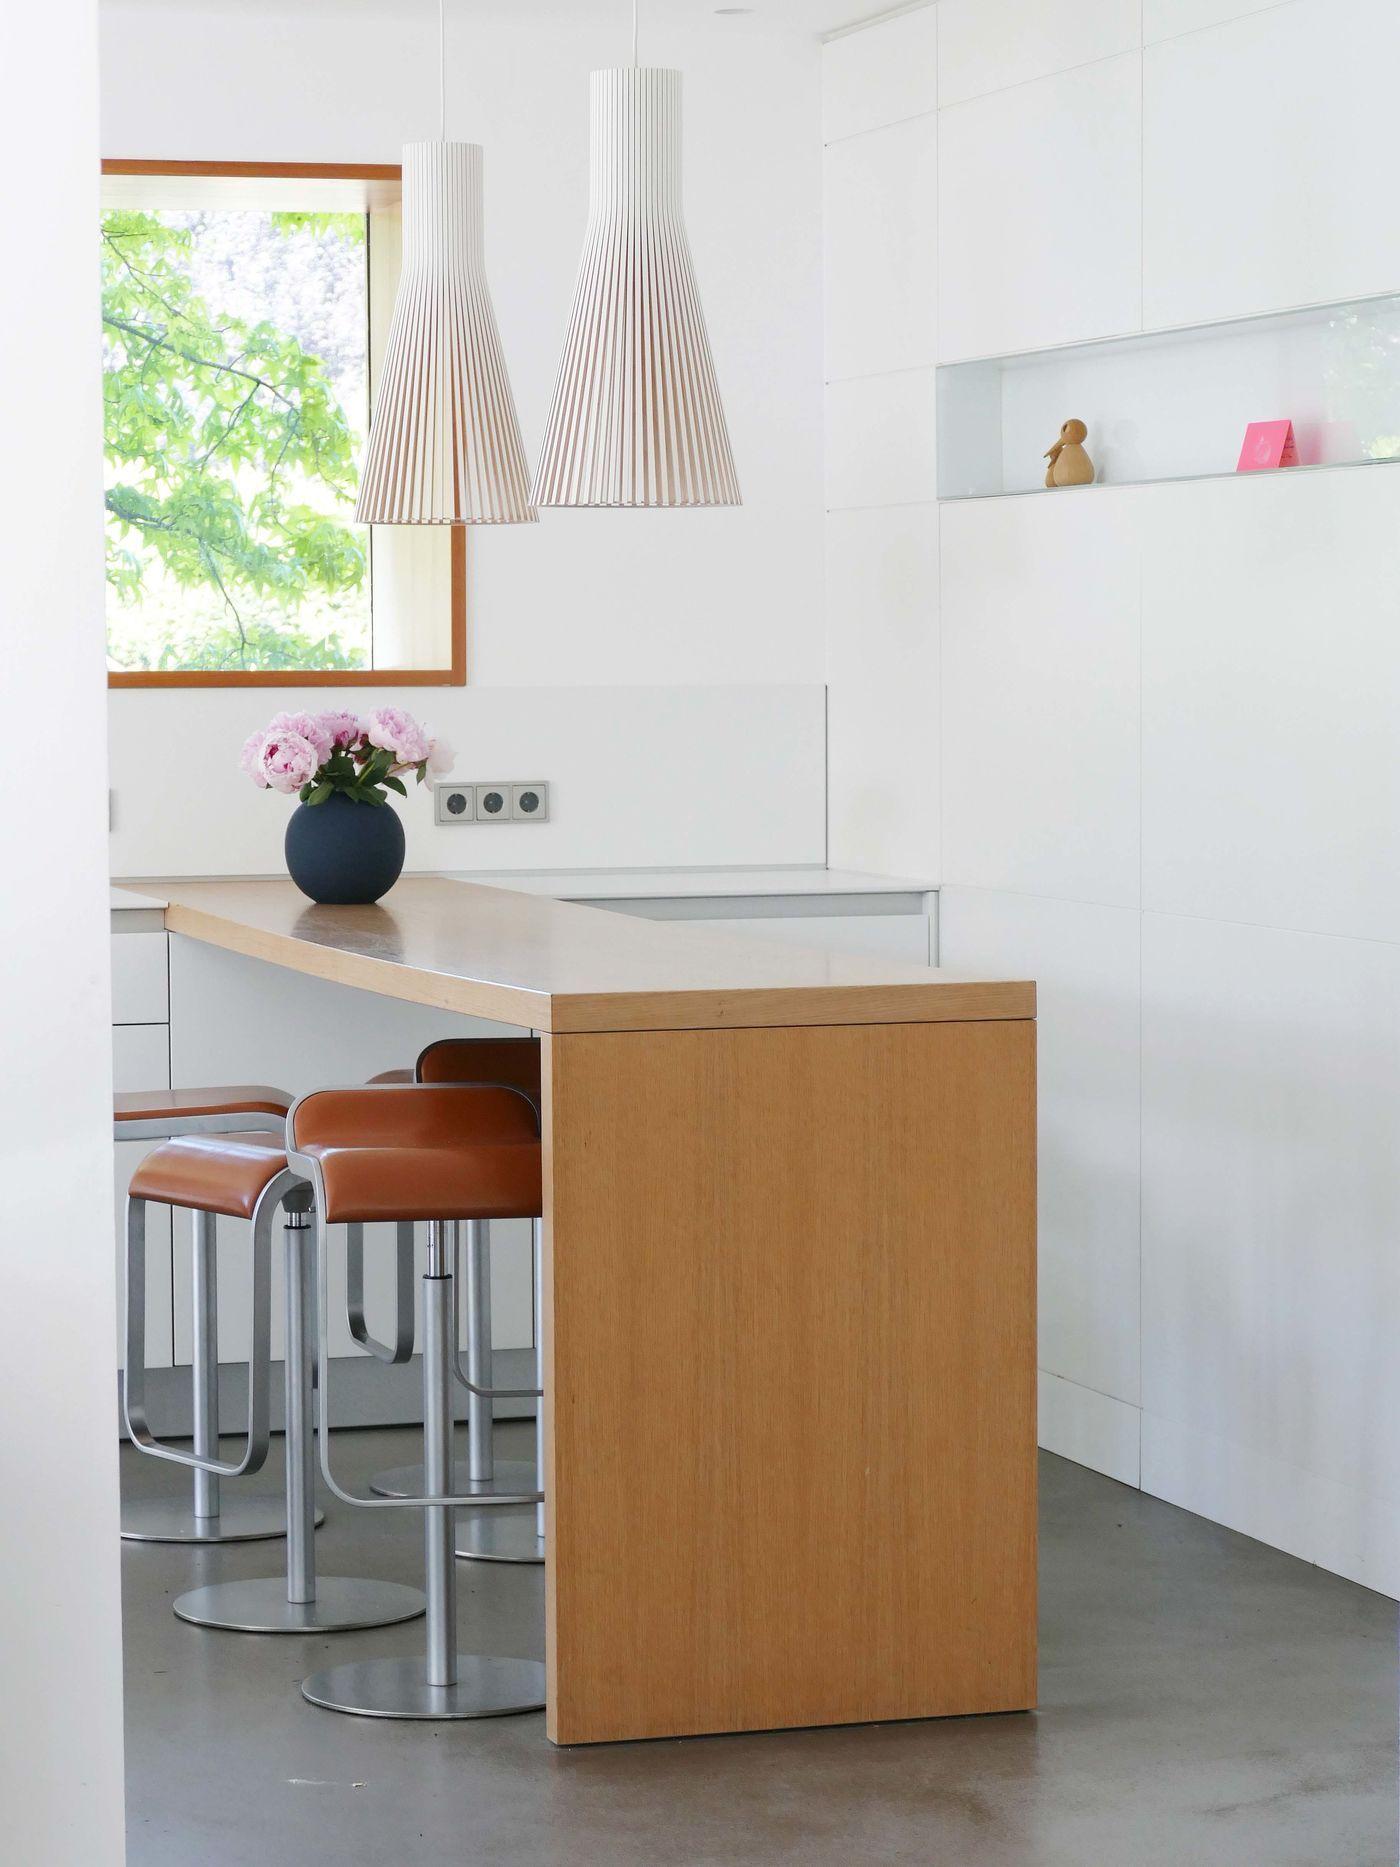 Großartig Bankart Küchentisch Galerie - Ideen Für Die Küche ...